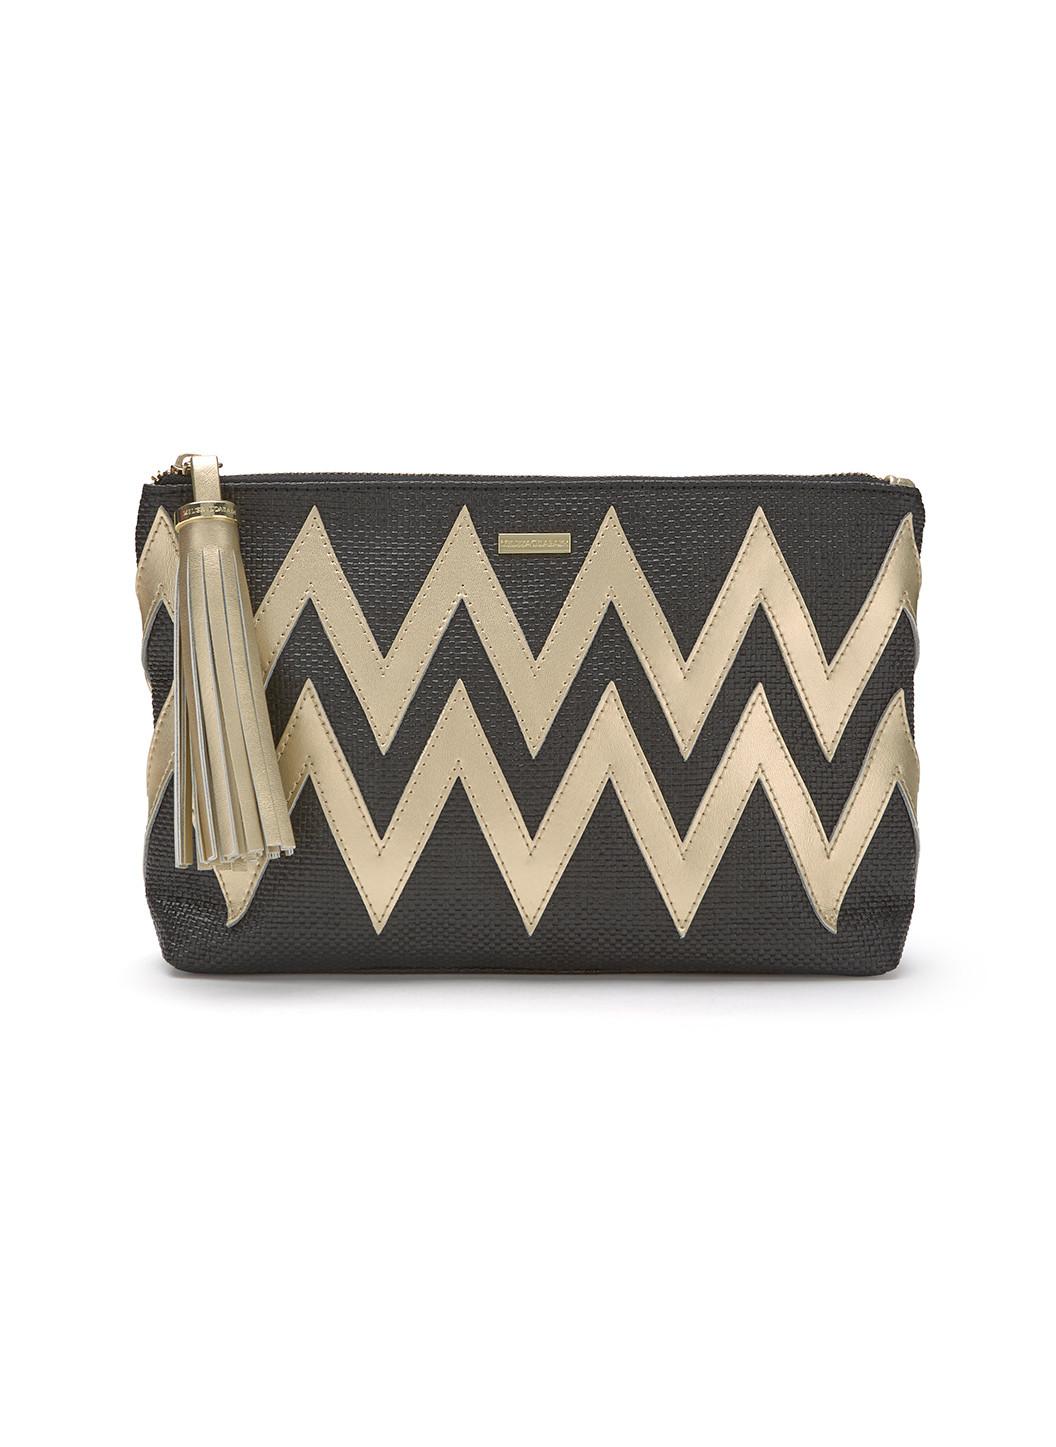 crete-zigzag-clutch-bag-black-gold-2019